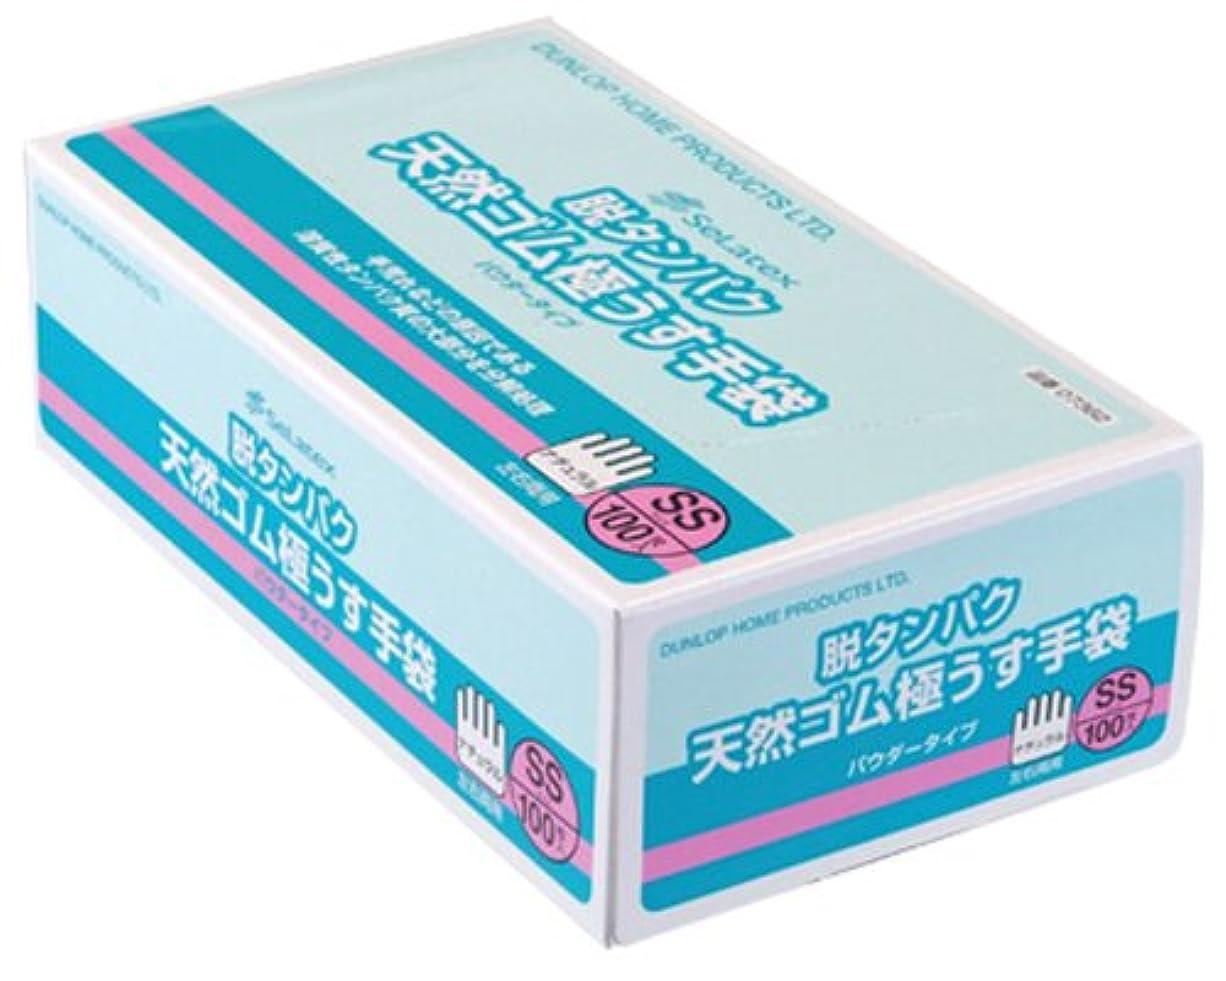 ハンドブック不透明なカラス【ケース販売】 ダンロップ 脱タンパク天然ゴム極うす手袋 S ナチュラル (100枚入×20箱)